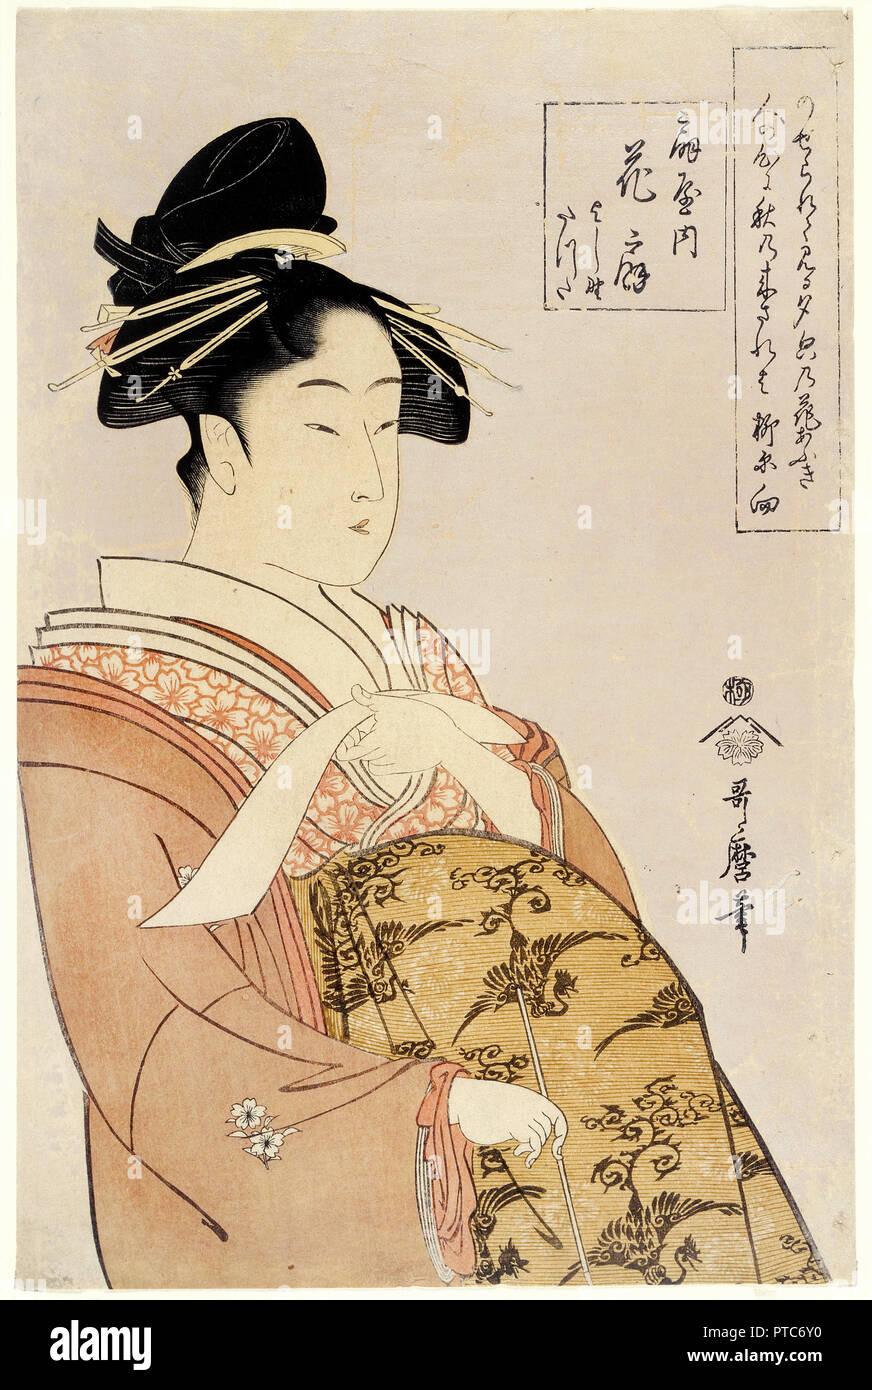 Kitagawa Utamaro, Courtesan Hanao-gi of the O-giya House, Circa 1793-1794, Color woodblock print, Minneapolis Institute of Arts, USA. - Stock Image